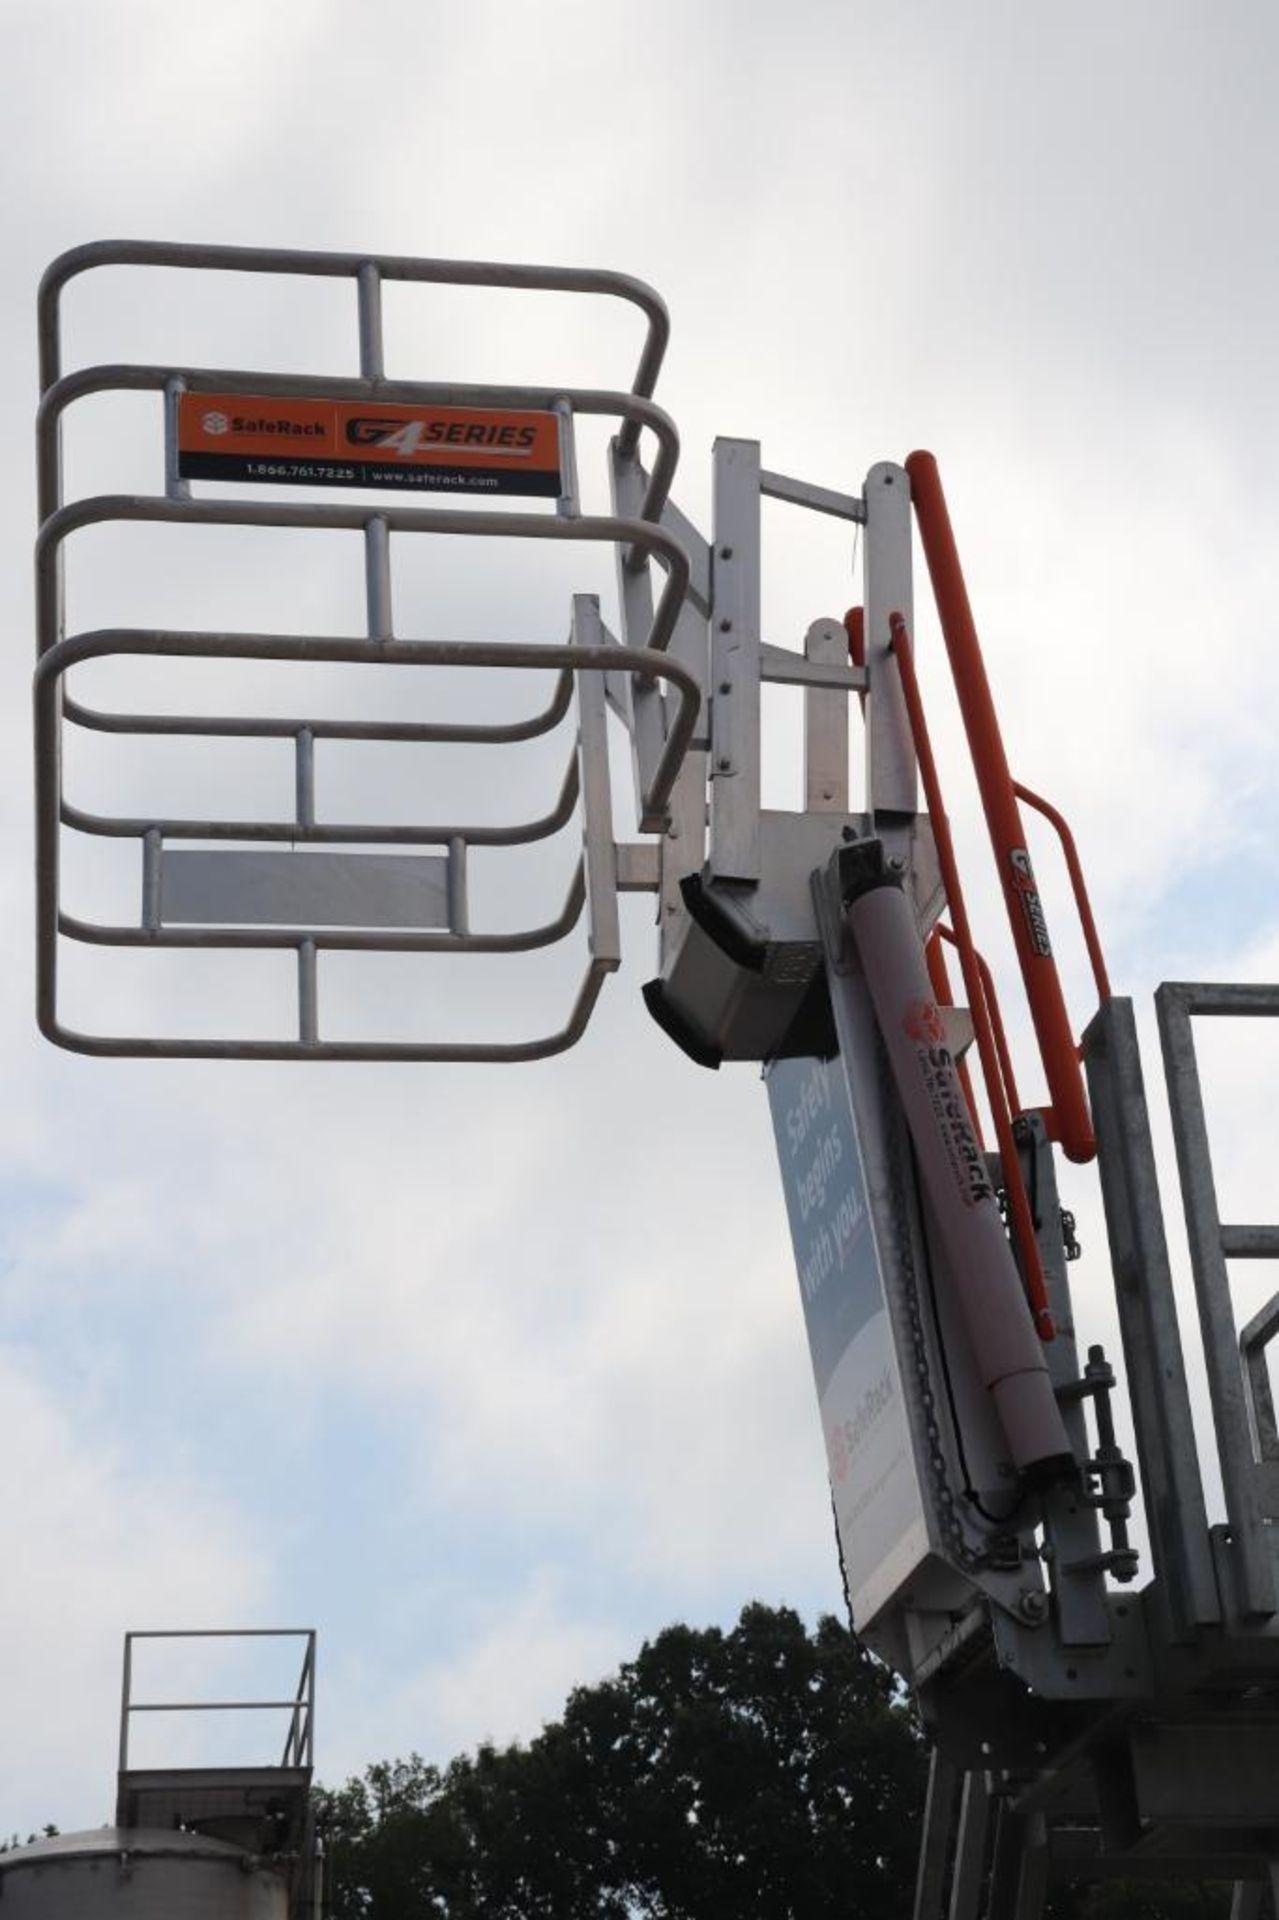 SafeRack truck loading and unloading platform - Image 6 of 10